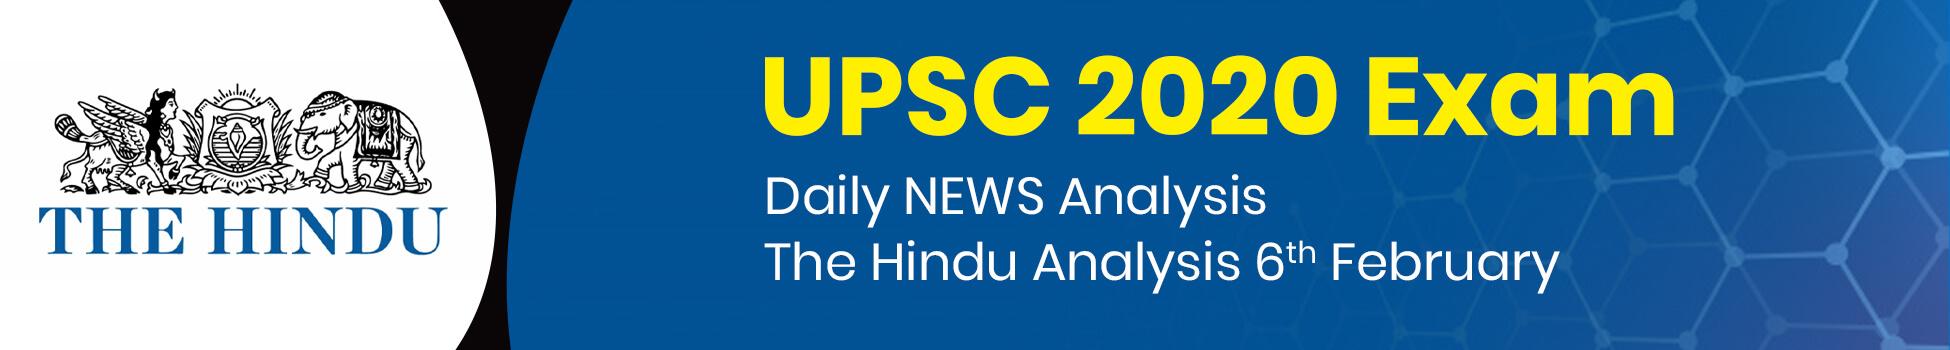 Daily NEWS Analysis   The Hindu Analysis 6th February   UPSC 2020